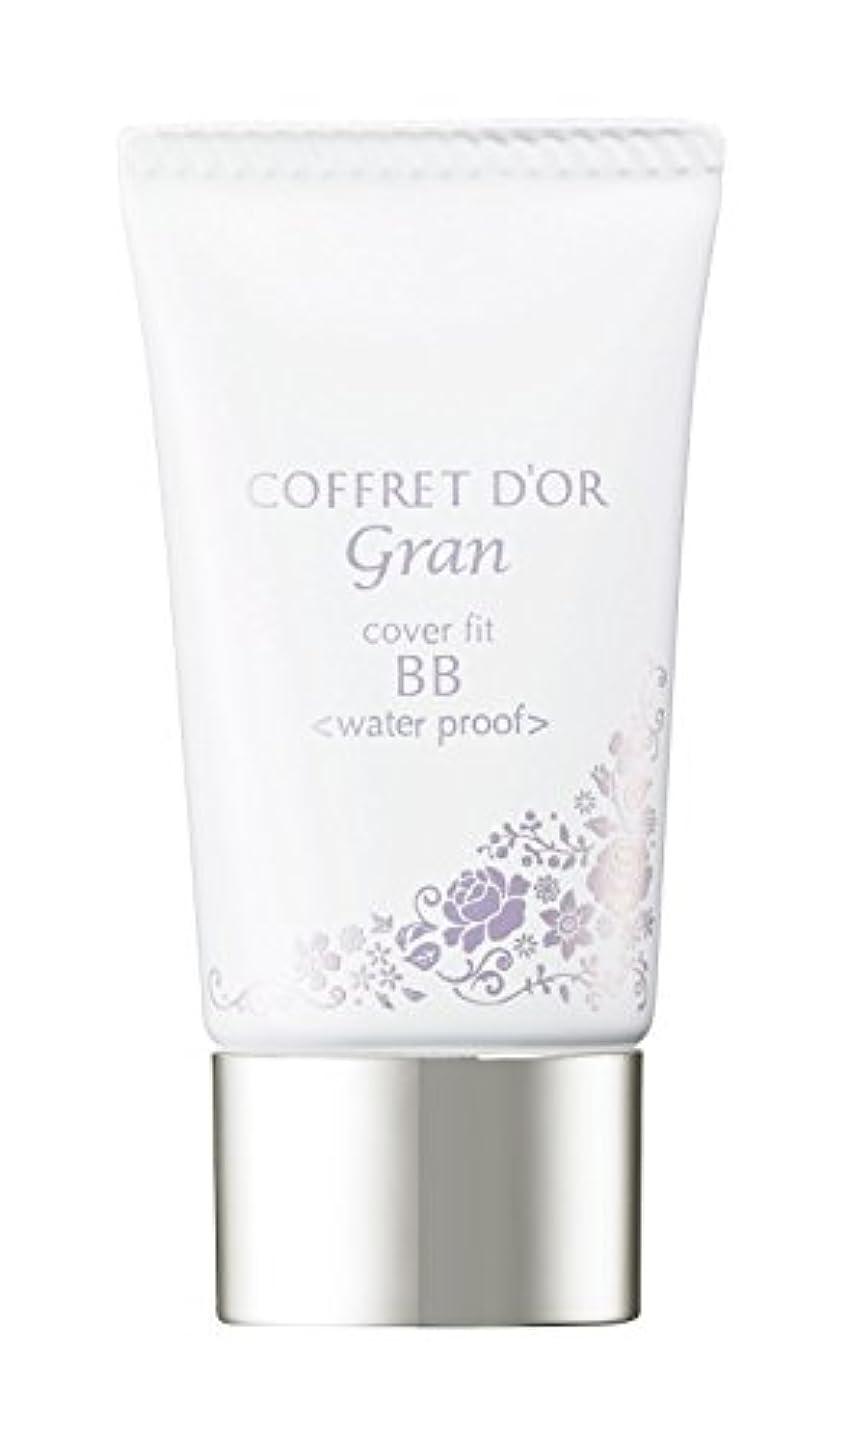 砂の連続した重さコフレドール グラン BBクリーム カバーフィットBB ウォータープルーフ ライトベージュ SPF40/PA+++ 25g